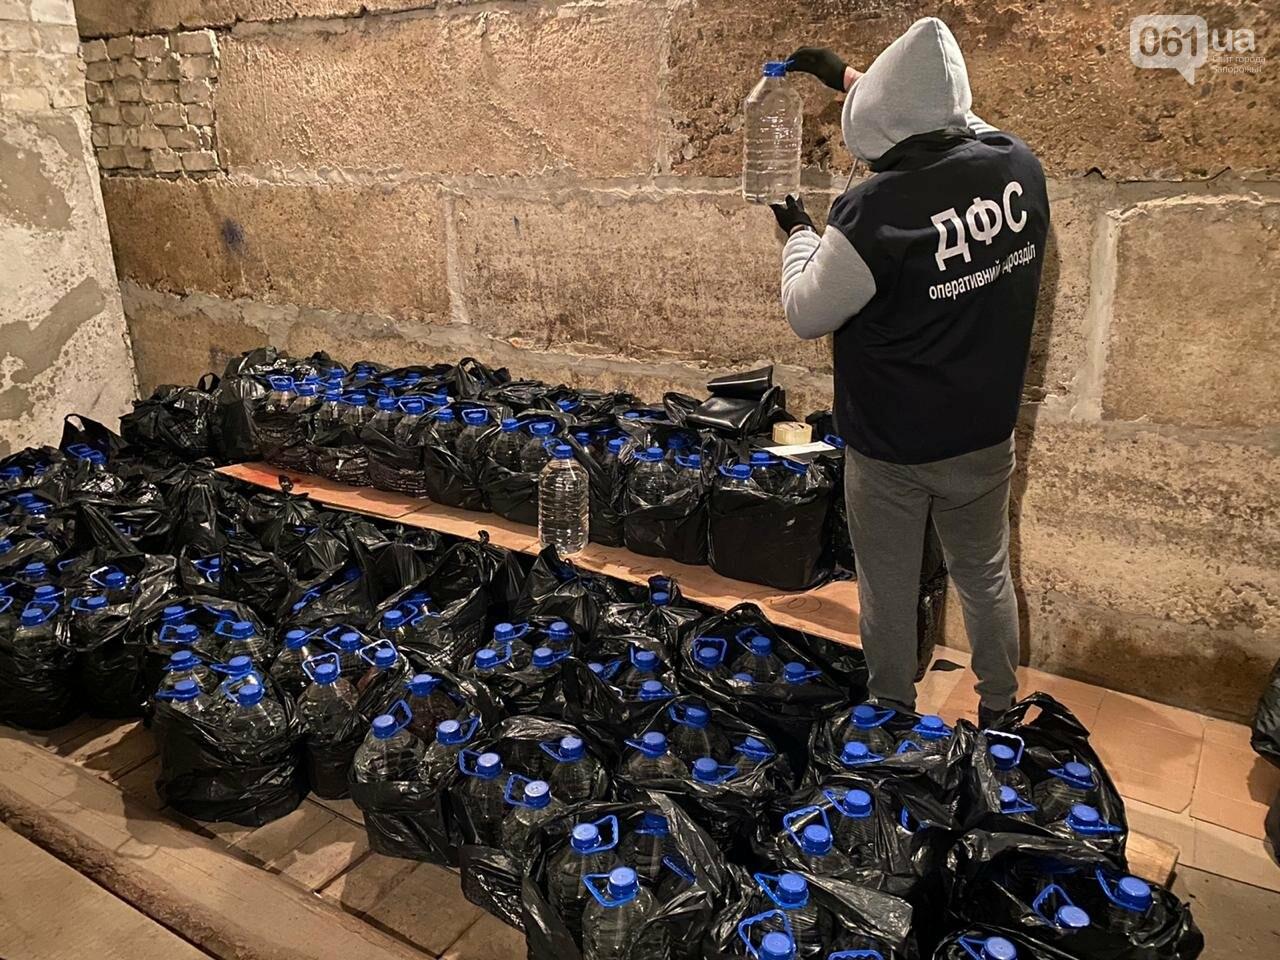 В Запорожской области обнаружили 2,5 тонны фальсифицированного алкоголя, фото-2